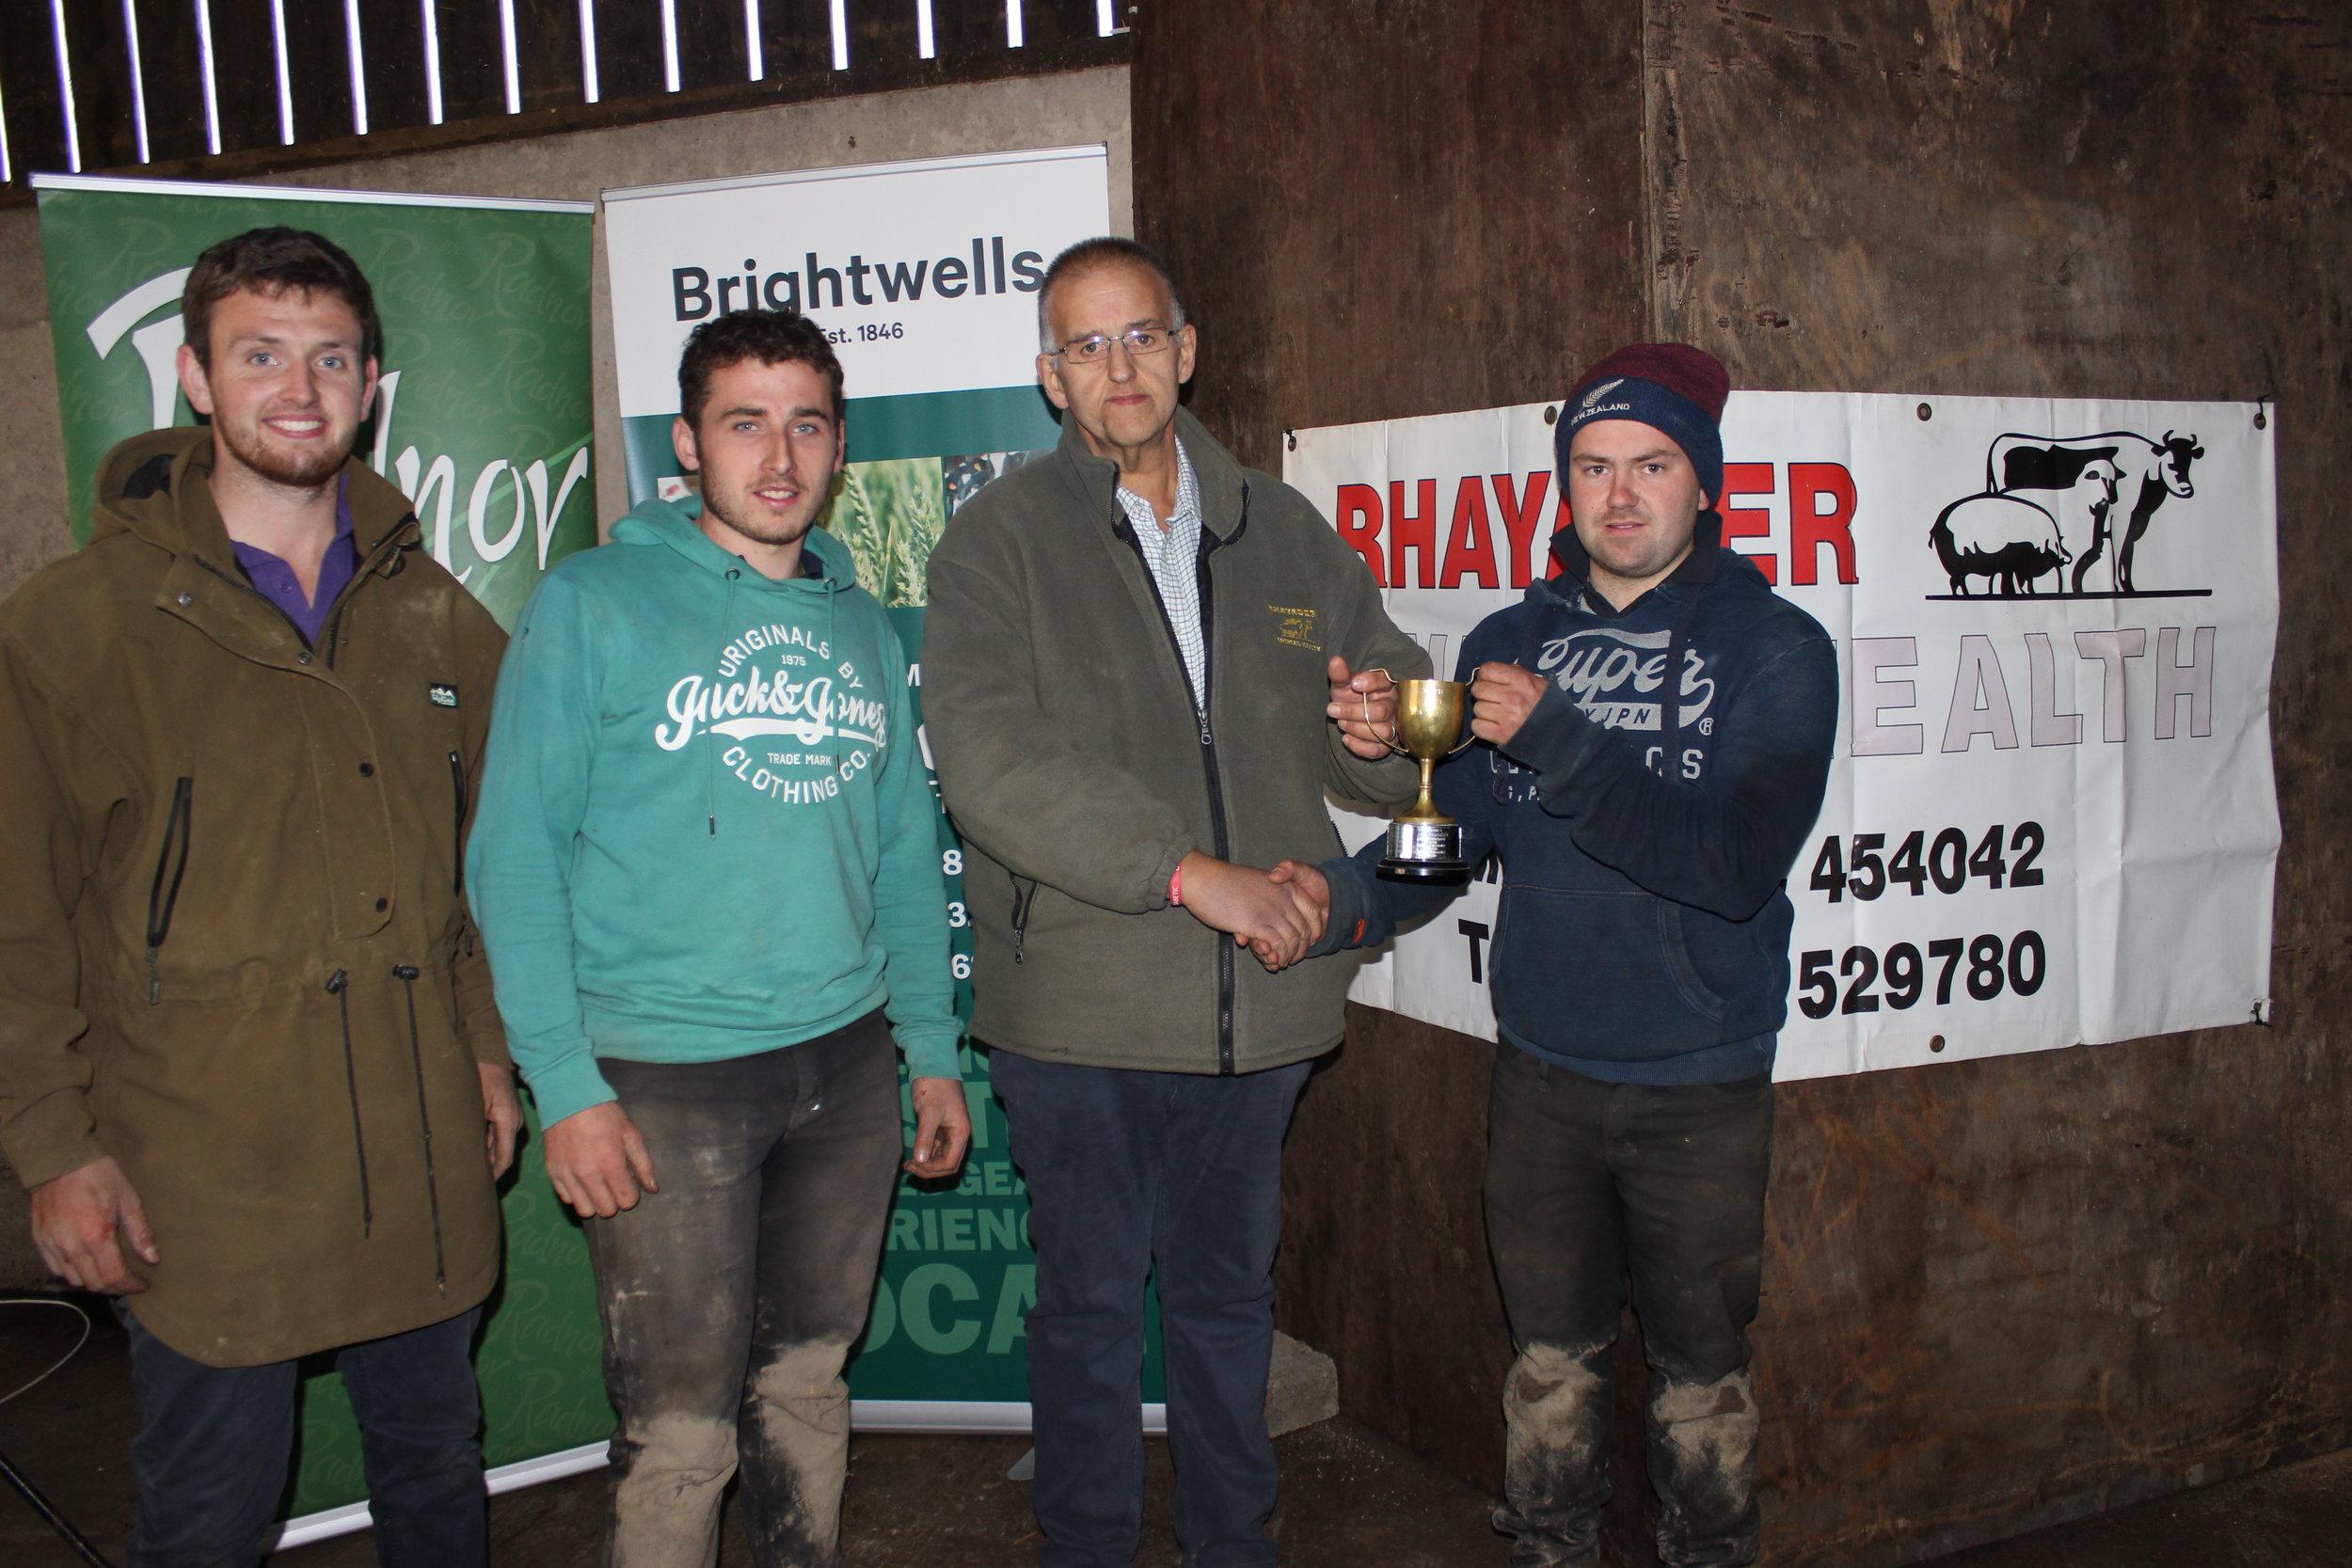 James Nixon, Alwyn Watkins & Rowan Wilson, Rhayader YFC - Llanbadarn Fynydd Challenge Cup (Senior & Junior Fencing) being presented by Haydn Evans, Rhayader Animal Health